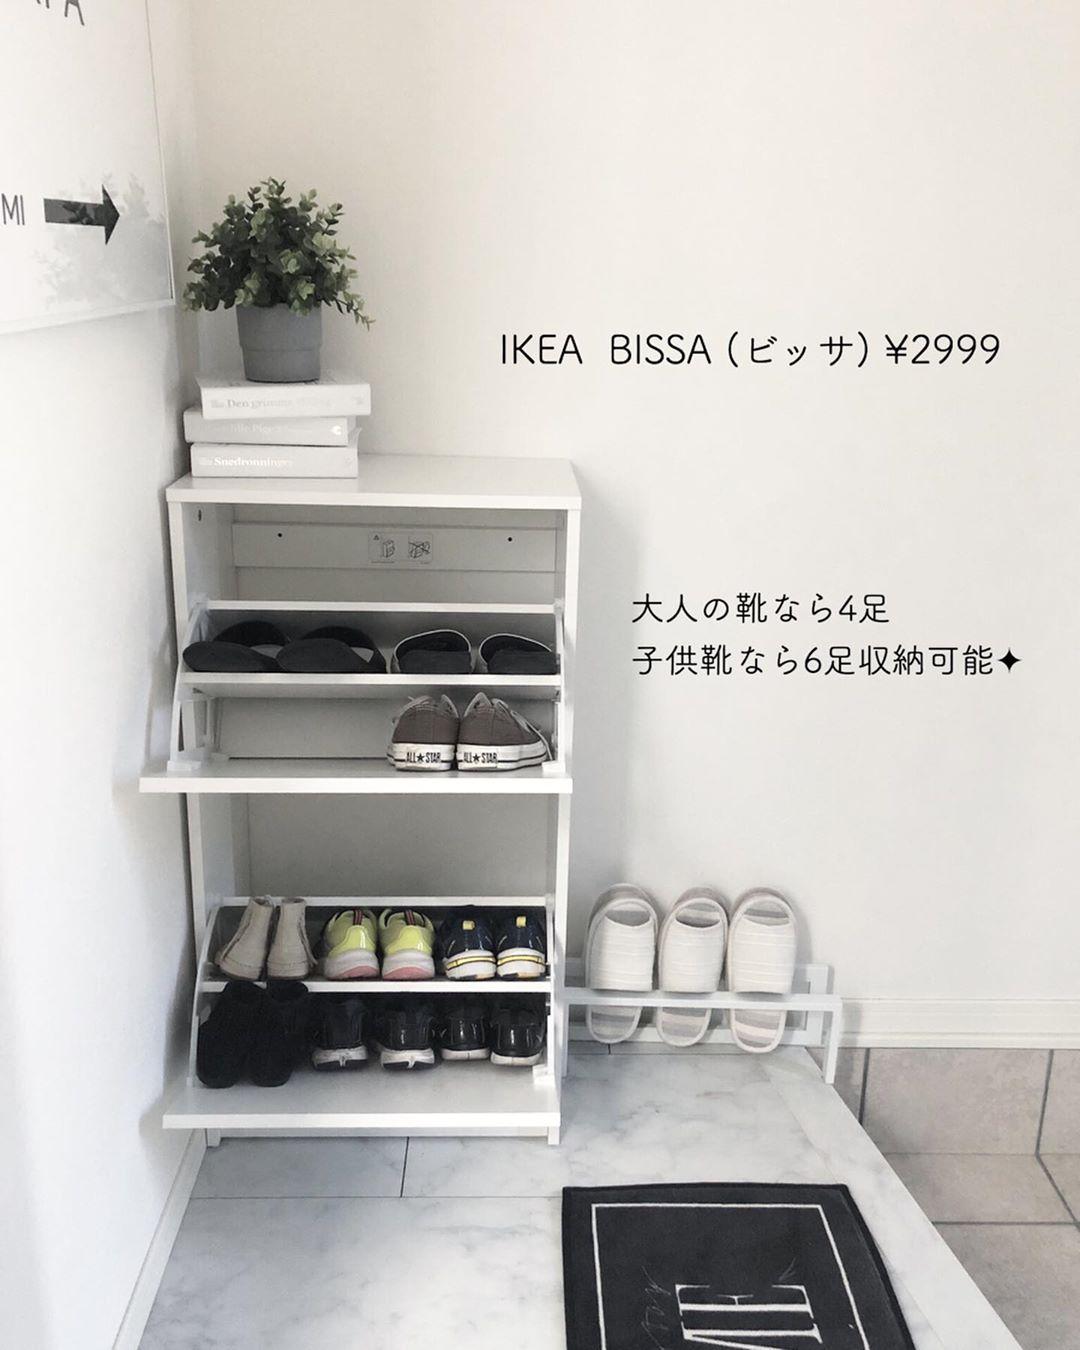 IKEAのおすすめアイテム10